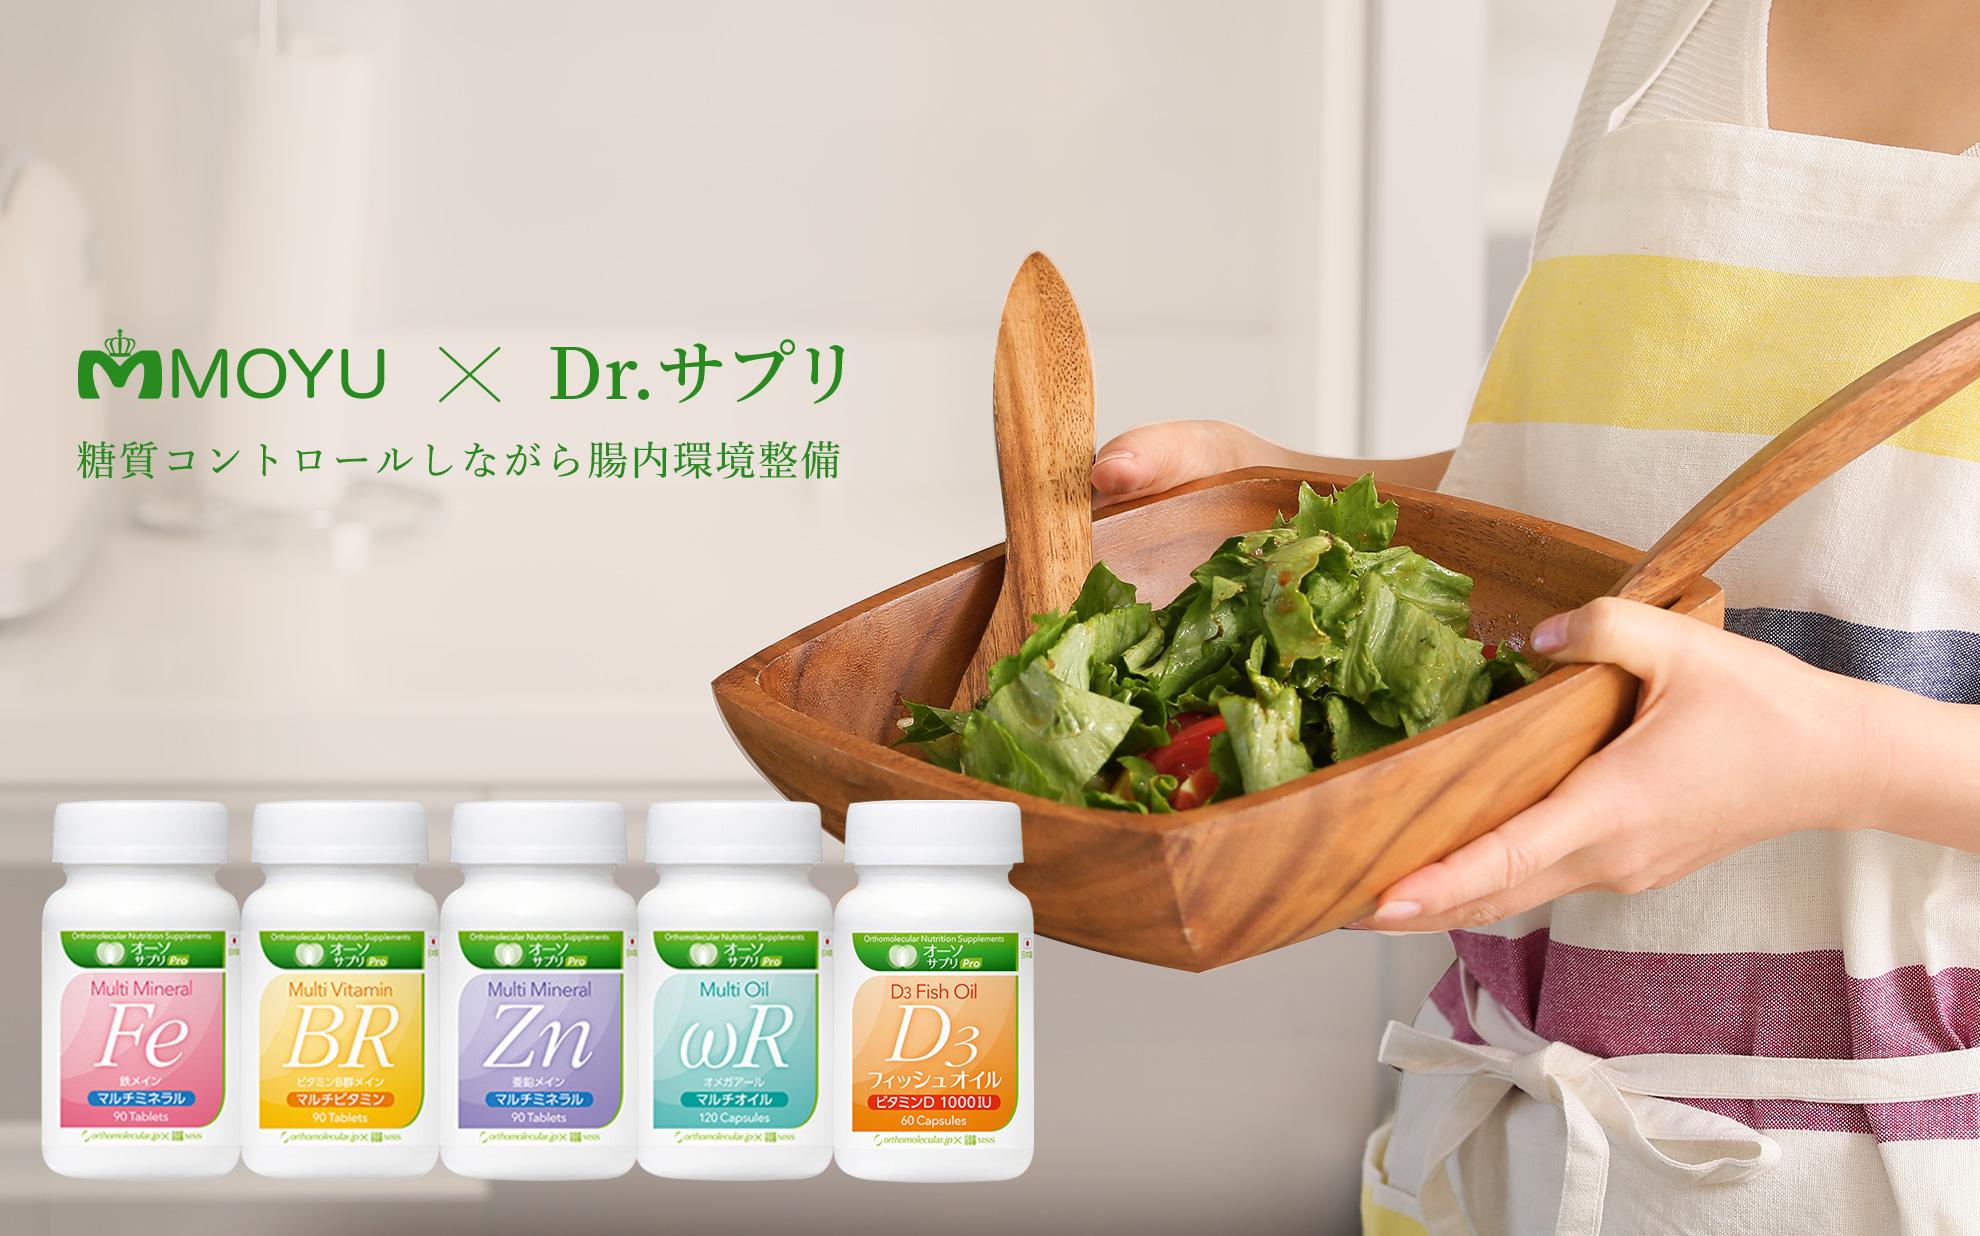 MOYU × Dr.サプリ/糖質コントロールしながら腸内環境整備